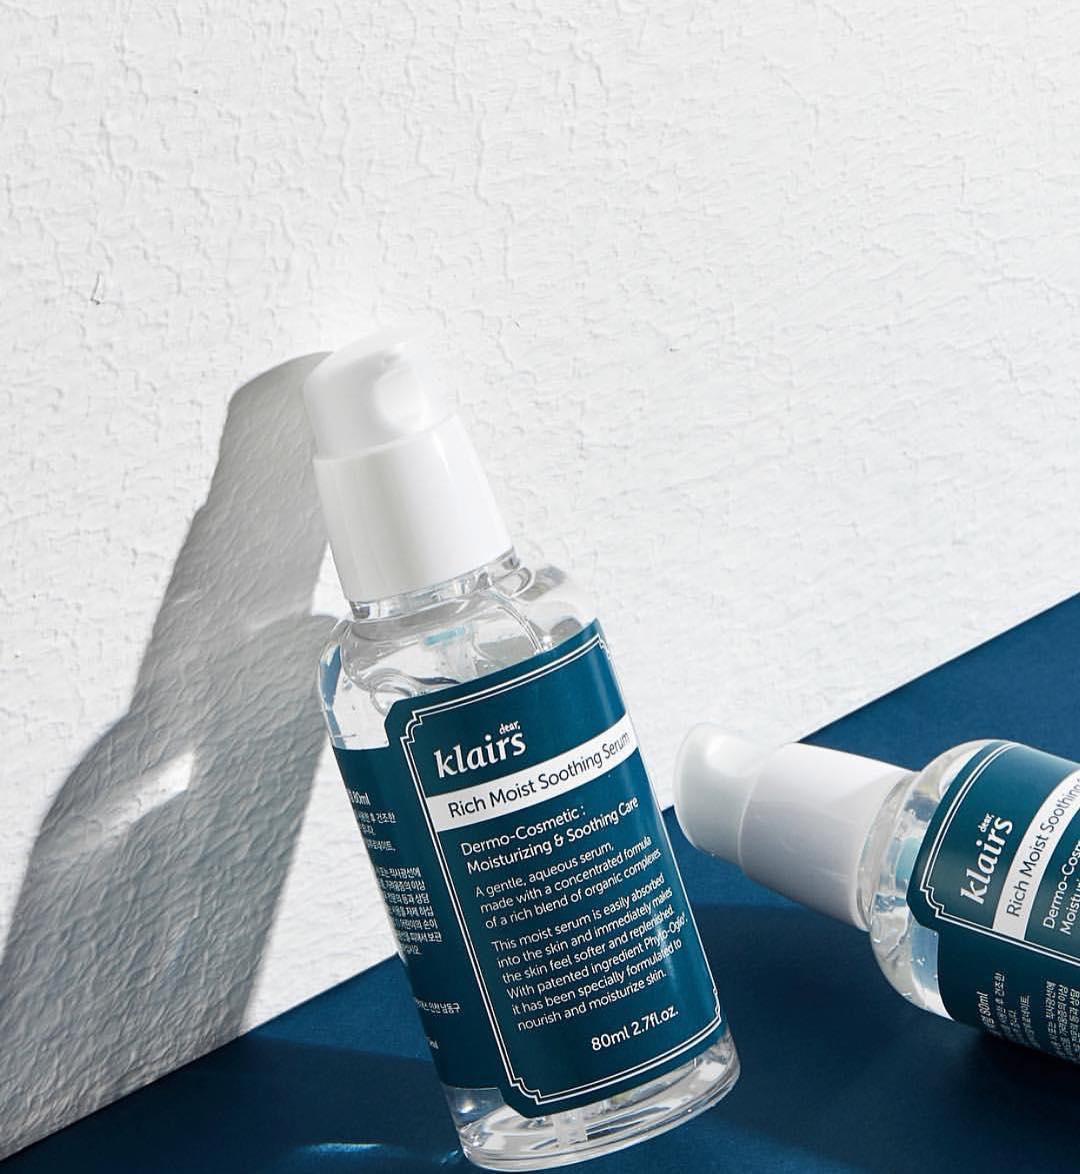 5 serum cấp ẩm phục hồi giá chưa đến 300k, dù hầu bao eo hẹp bạn vẫn yên tâm có da xinh khỏe - Ảnh 1.